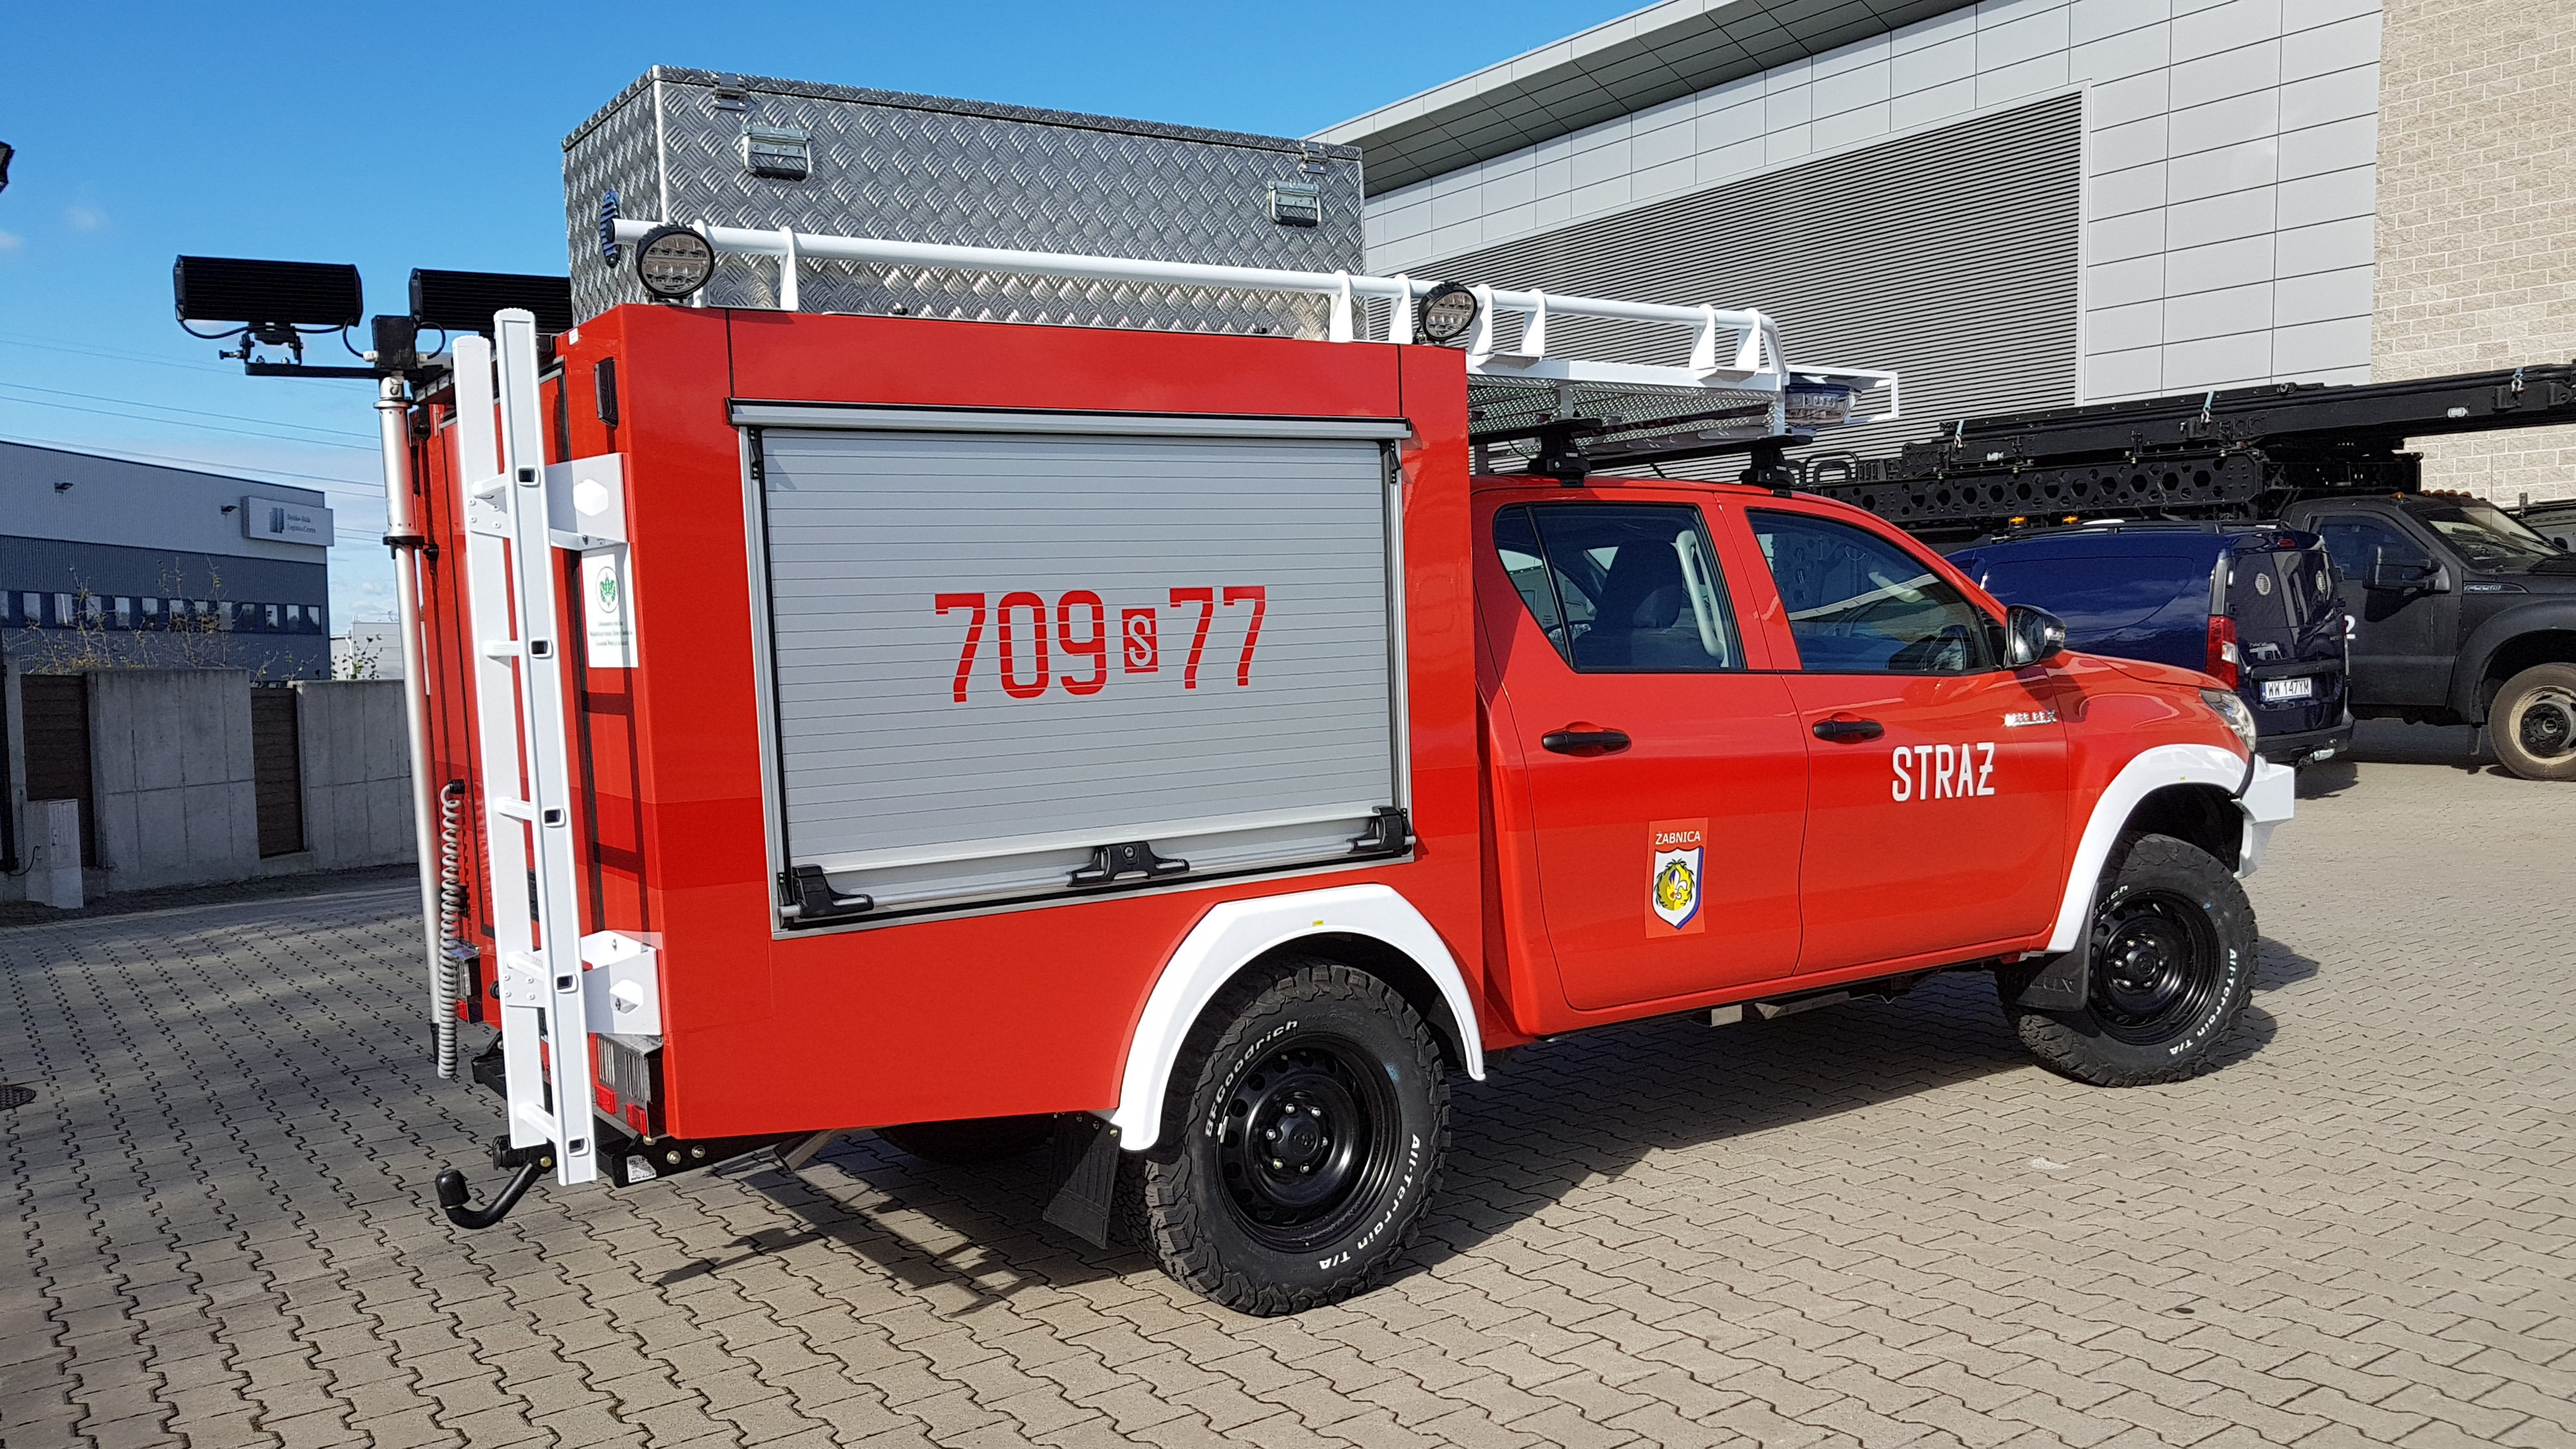 Nowy samochód ratowniczo-gaśniczy